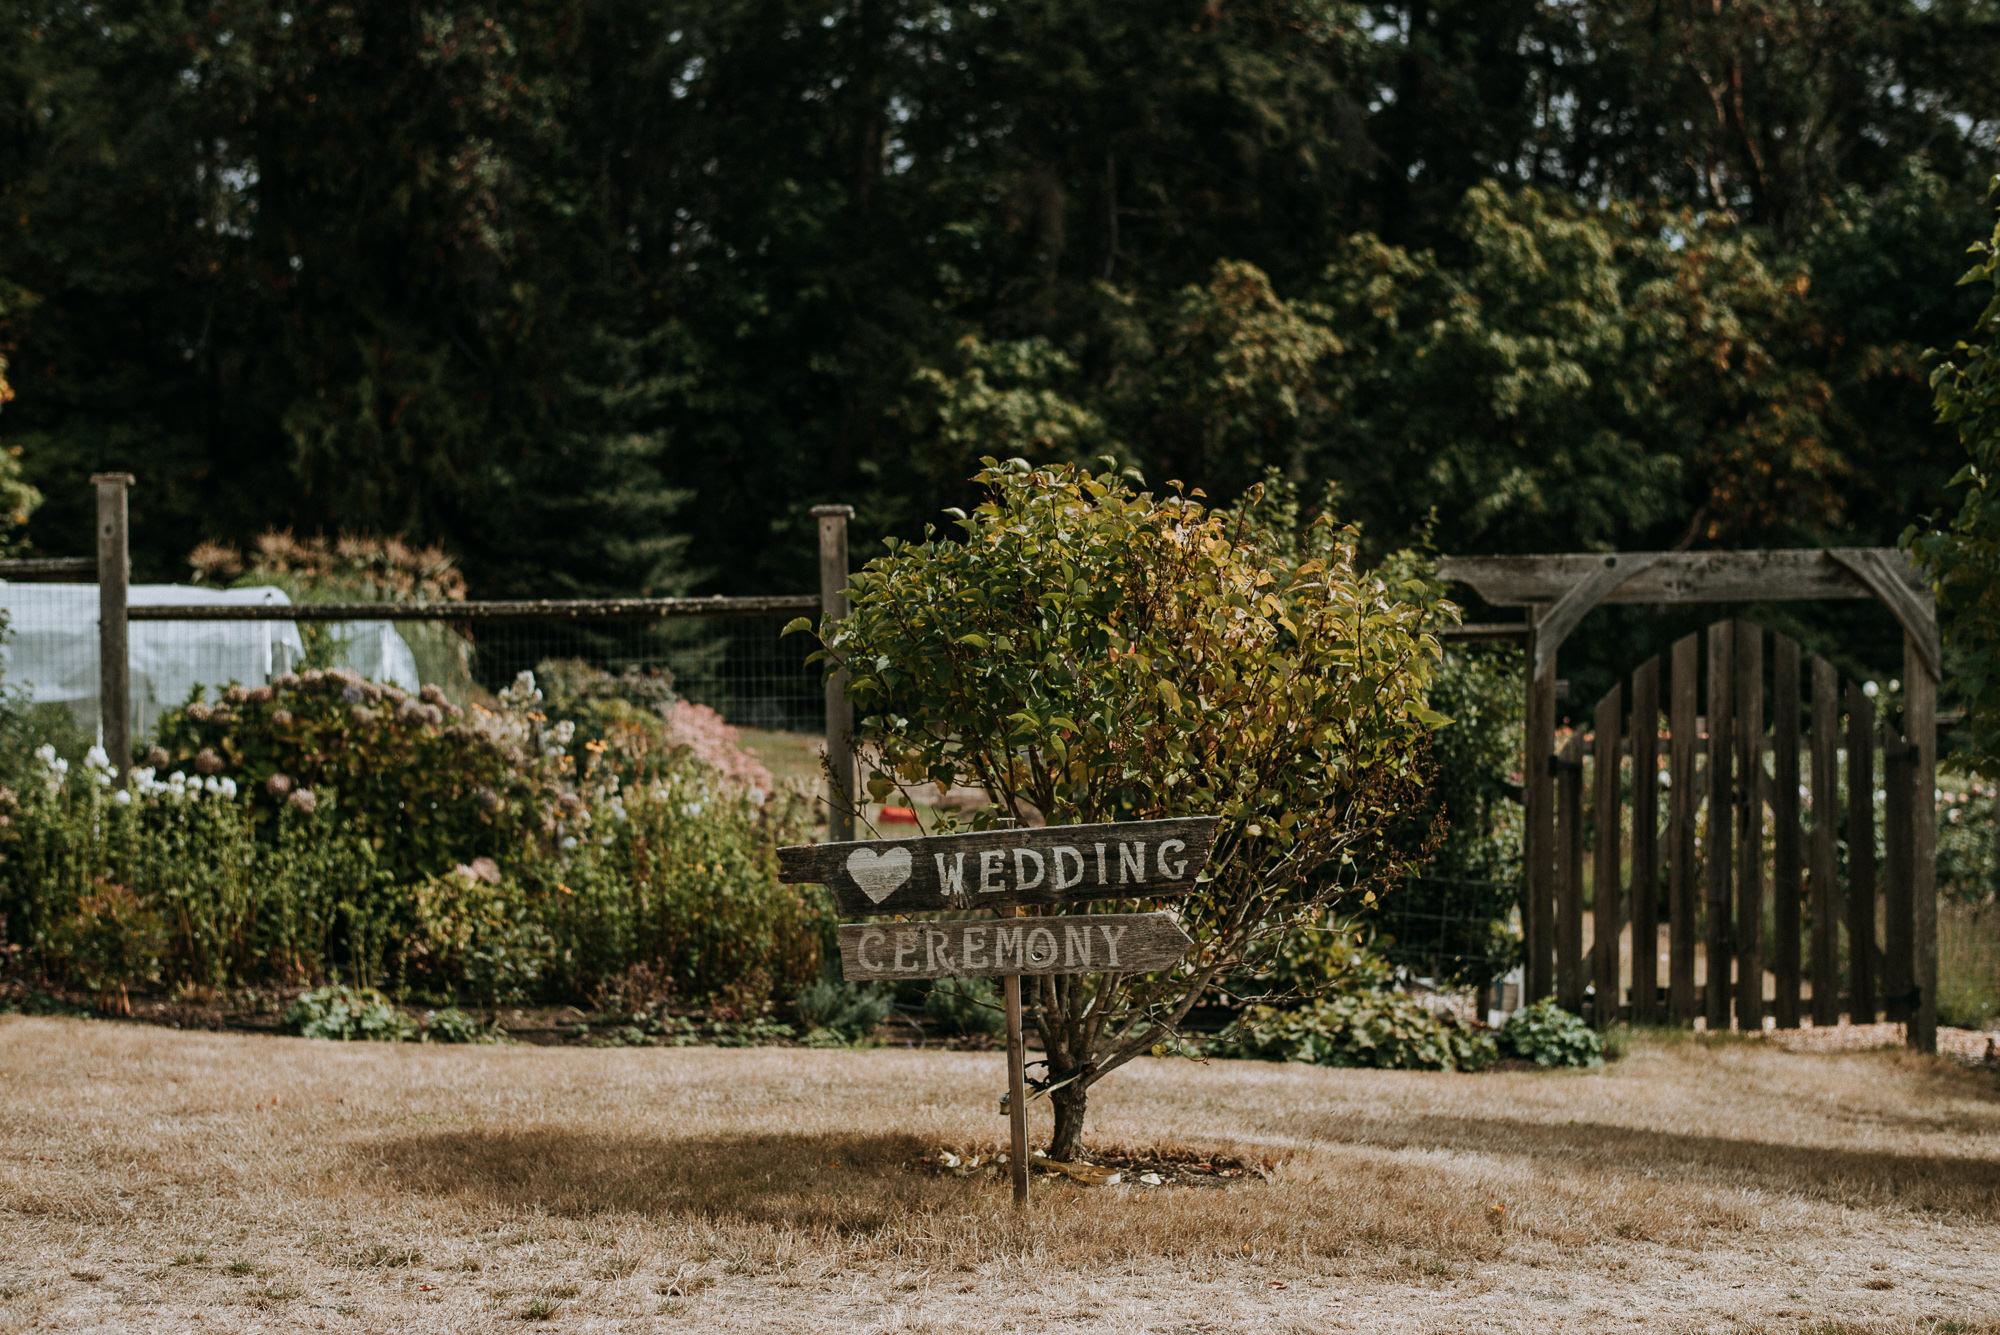 5-overbury-resort-thetis-island-wedding-jan-ian-0486.jpg